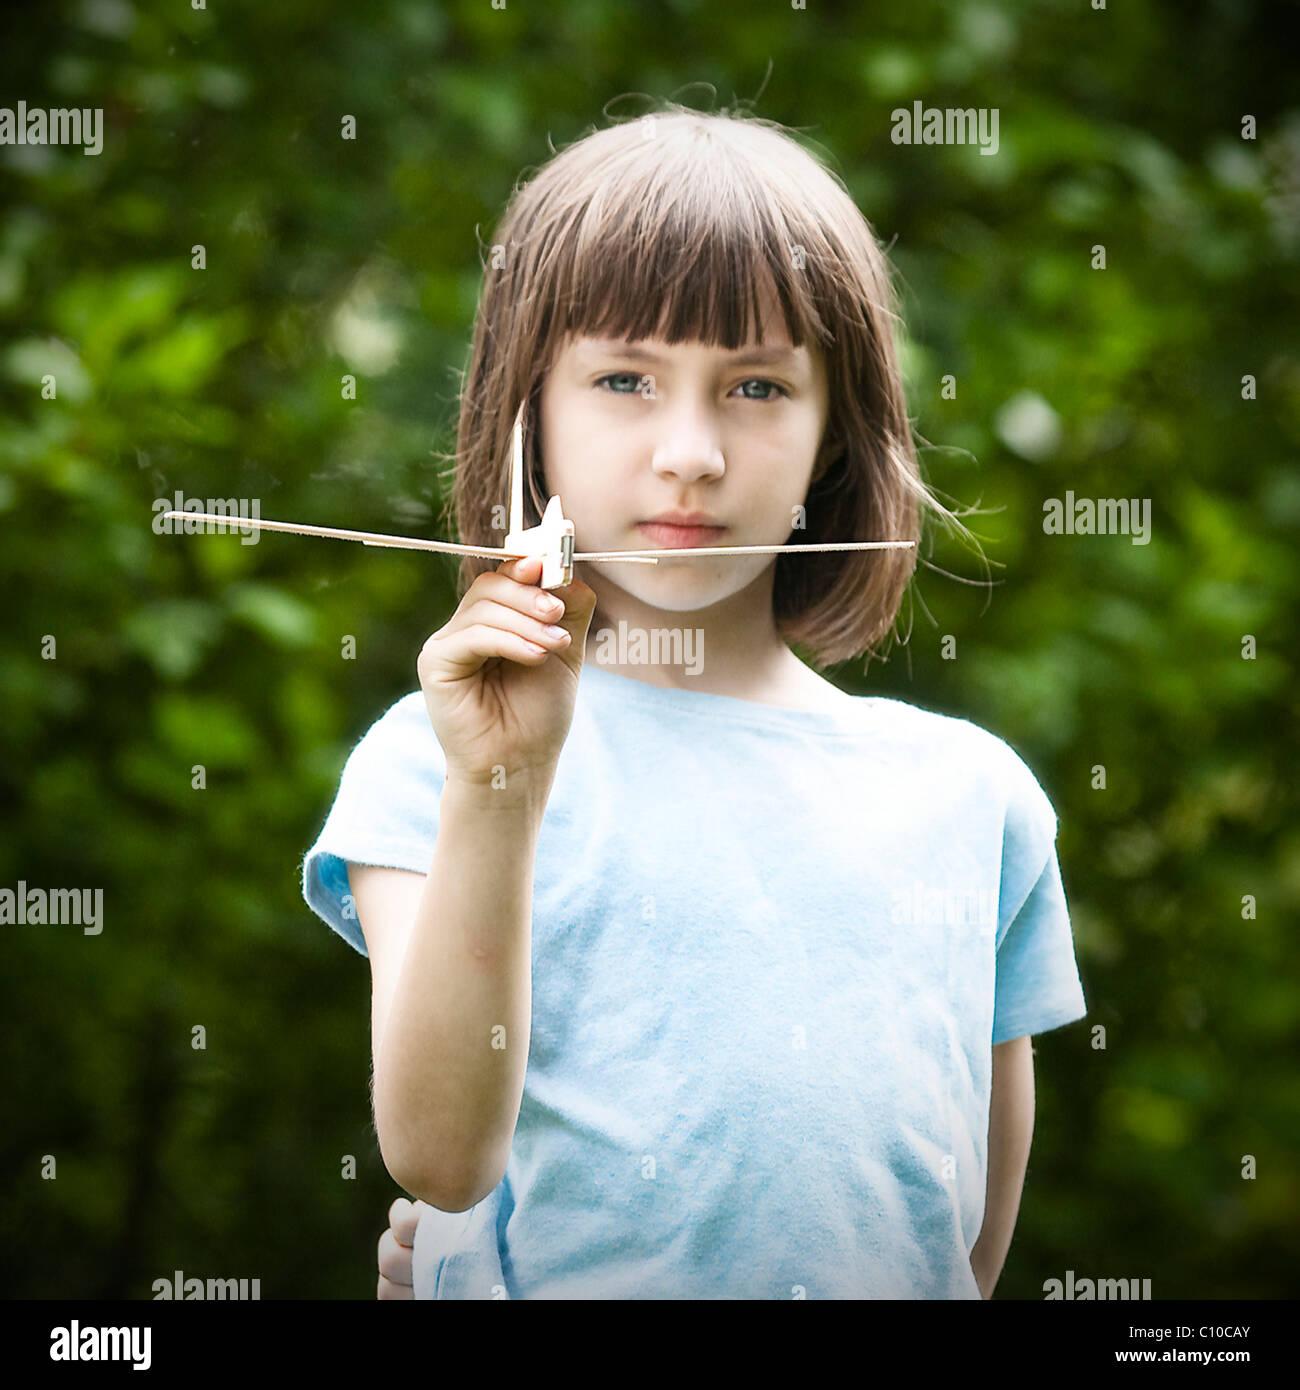 Una niña de 10 años mantiene un avión de juguete de madera de balsa. Imagen De Stock